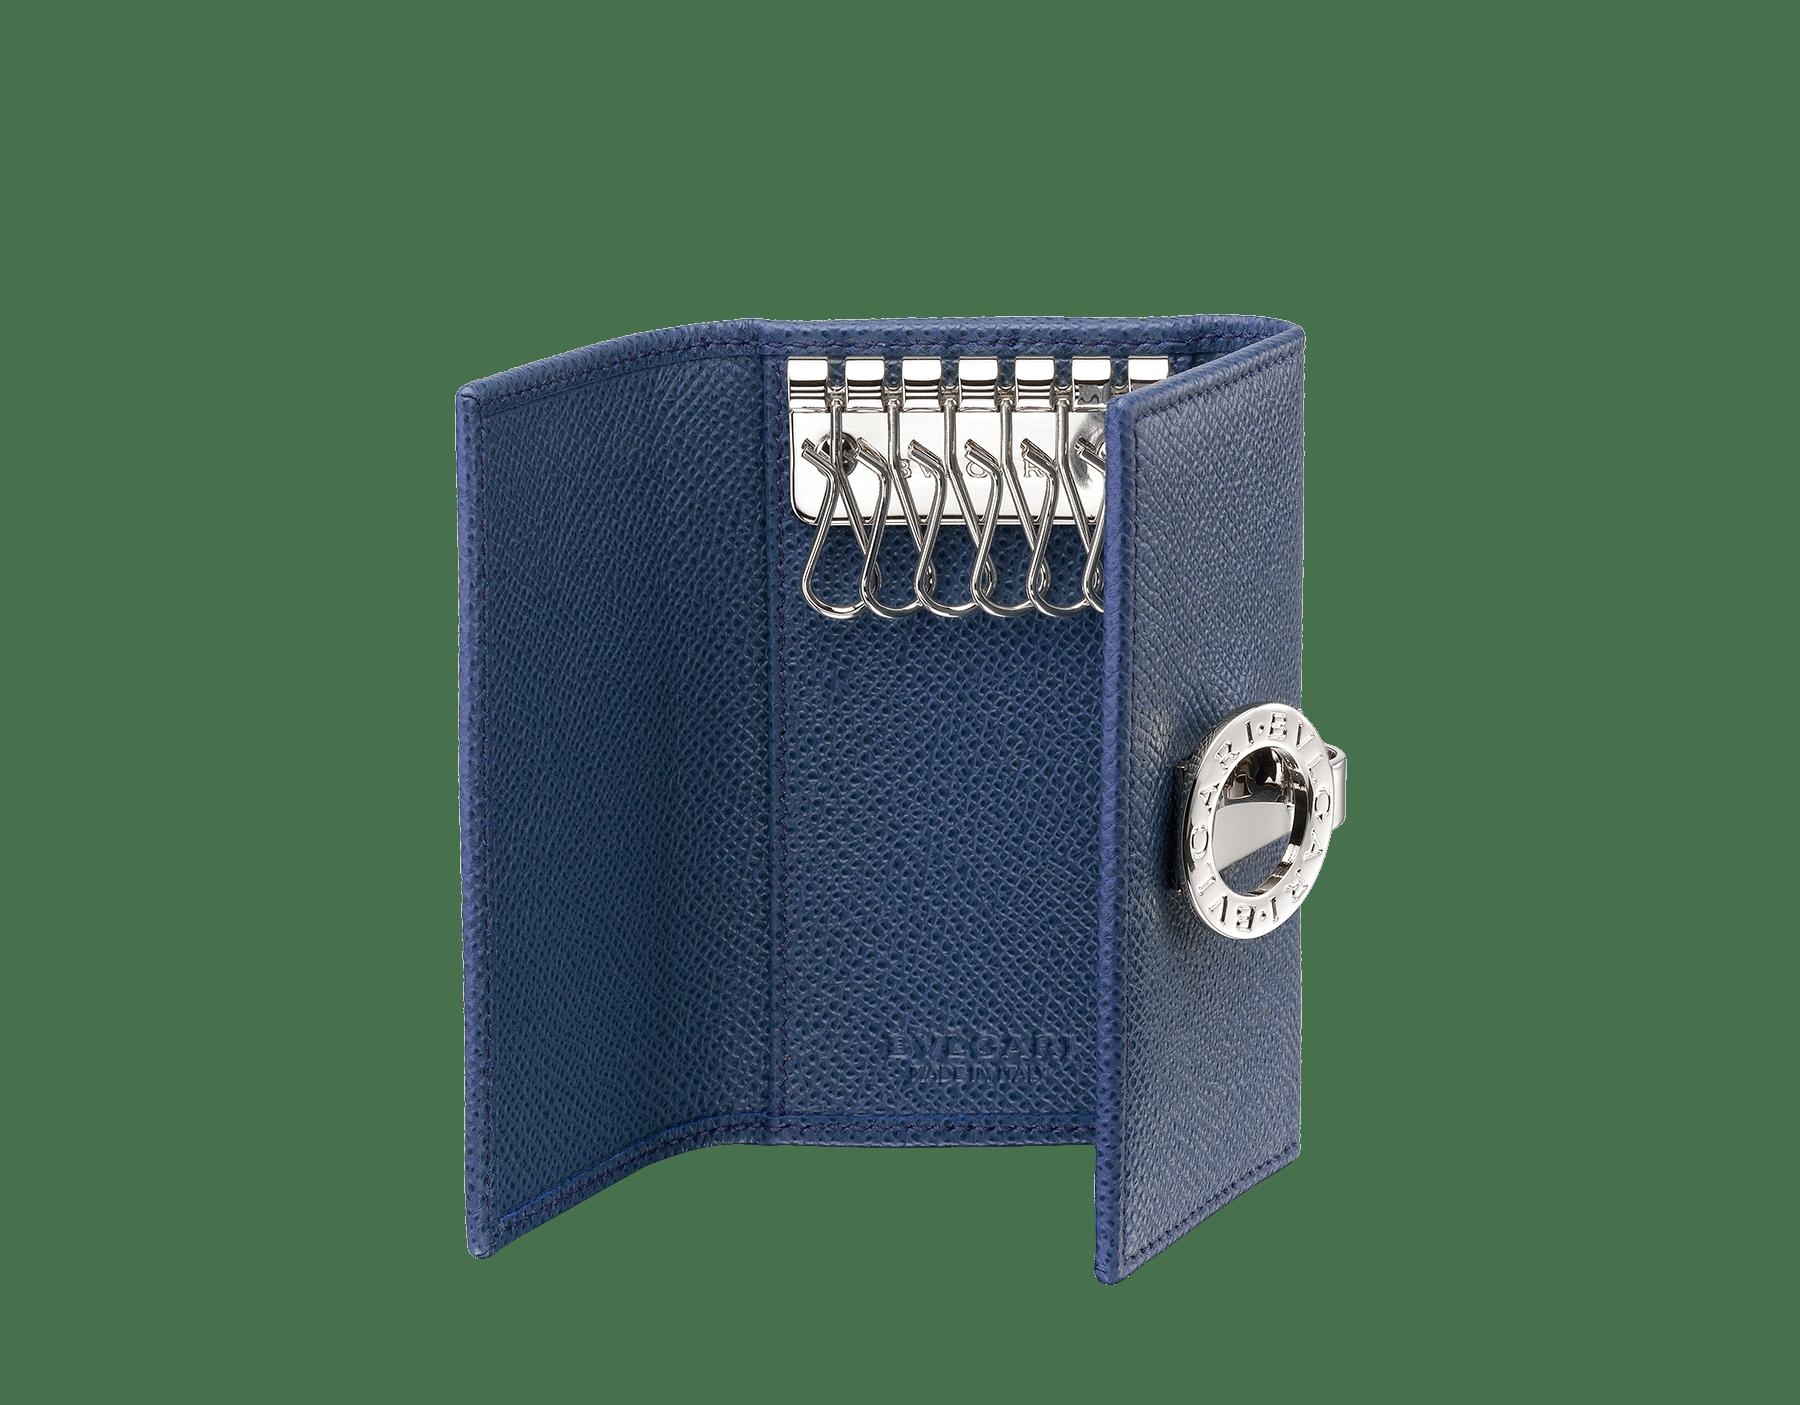 Porte-clés en cuir de veau grainé bleu denim saphir avec doublure en nappa bordeaux. Fermoir emblématique en laiton plaqué palladium orné du motif BVLGARIBVLGARI. 286891 image 2